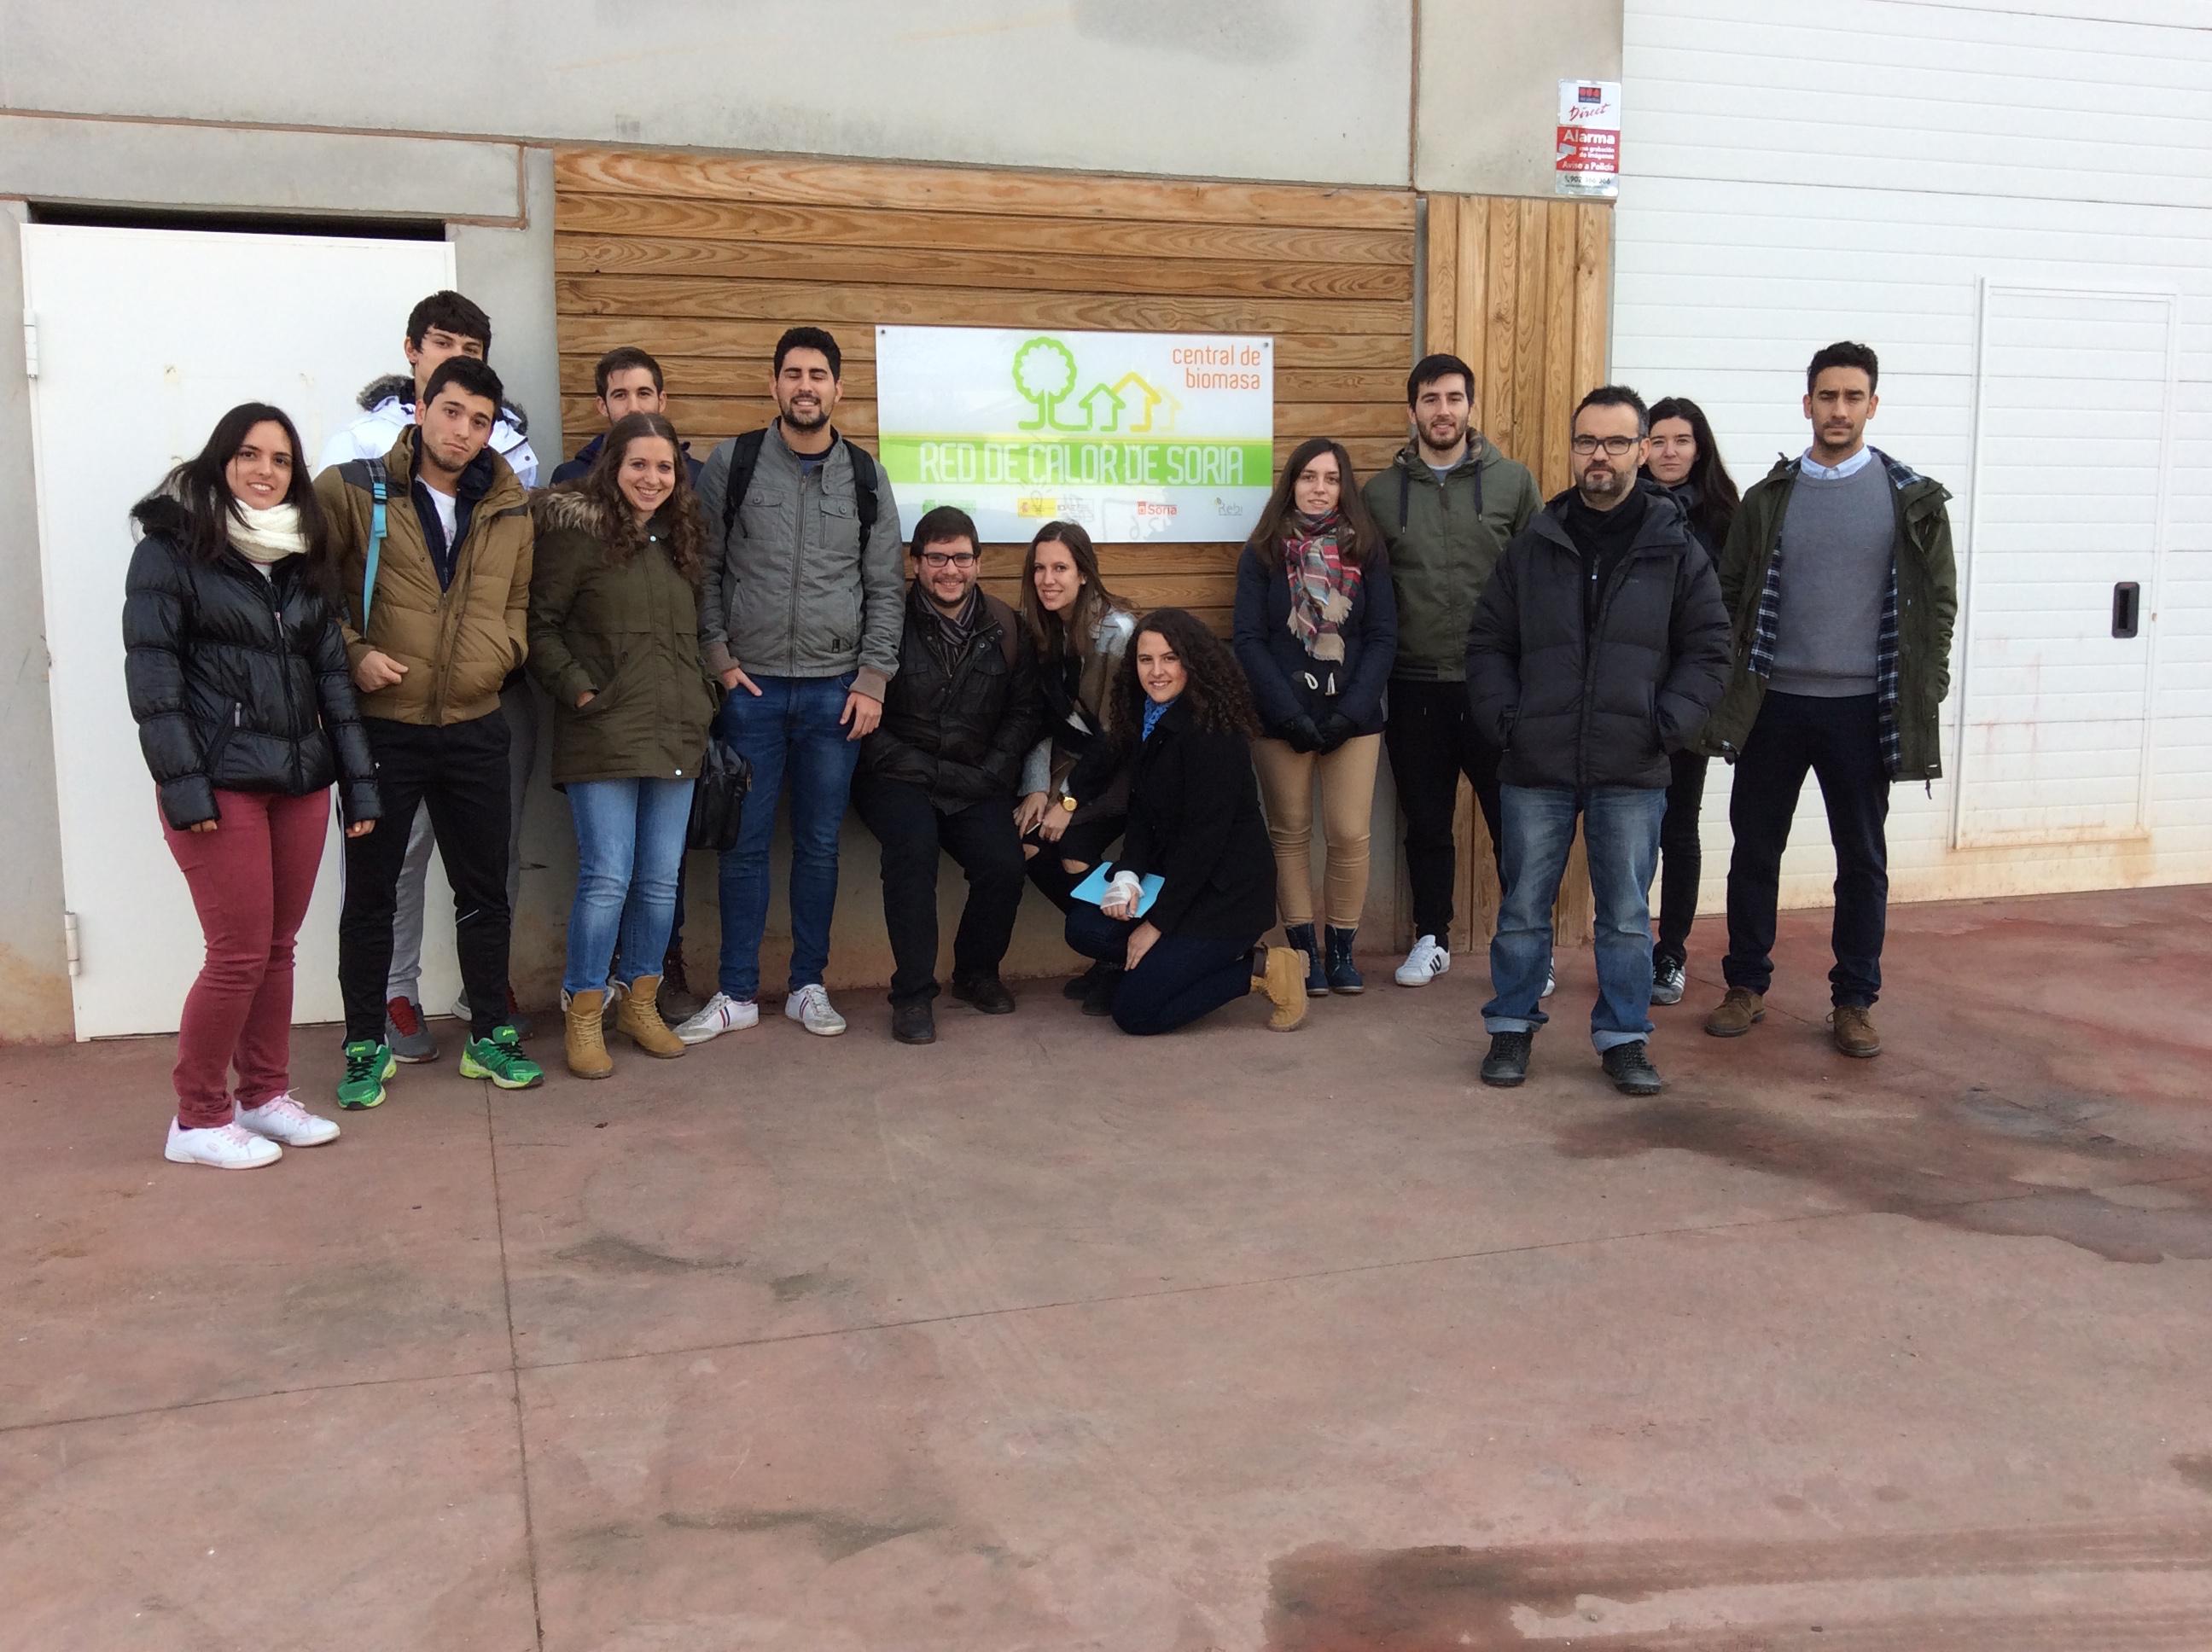 Los alumnos del Grado de Agroenergéticas del Campus Duques de Soria visitan la central térmica en El Mirón